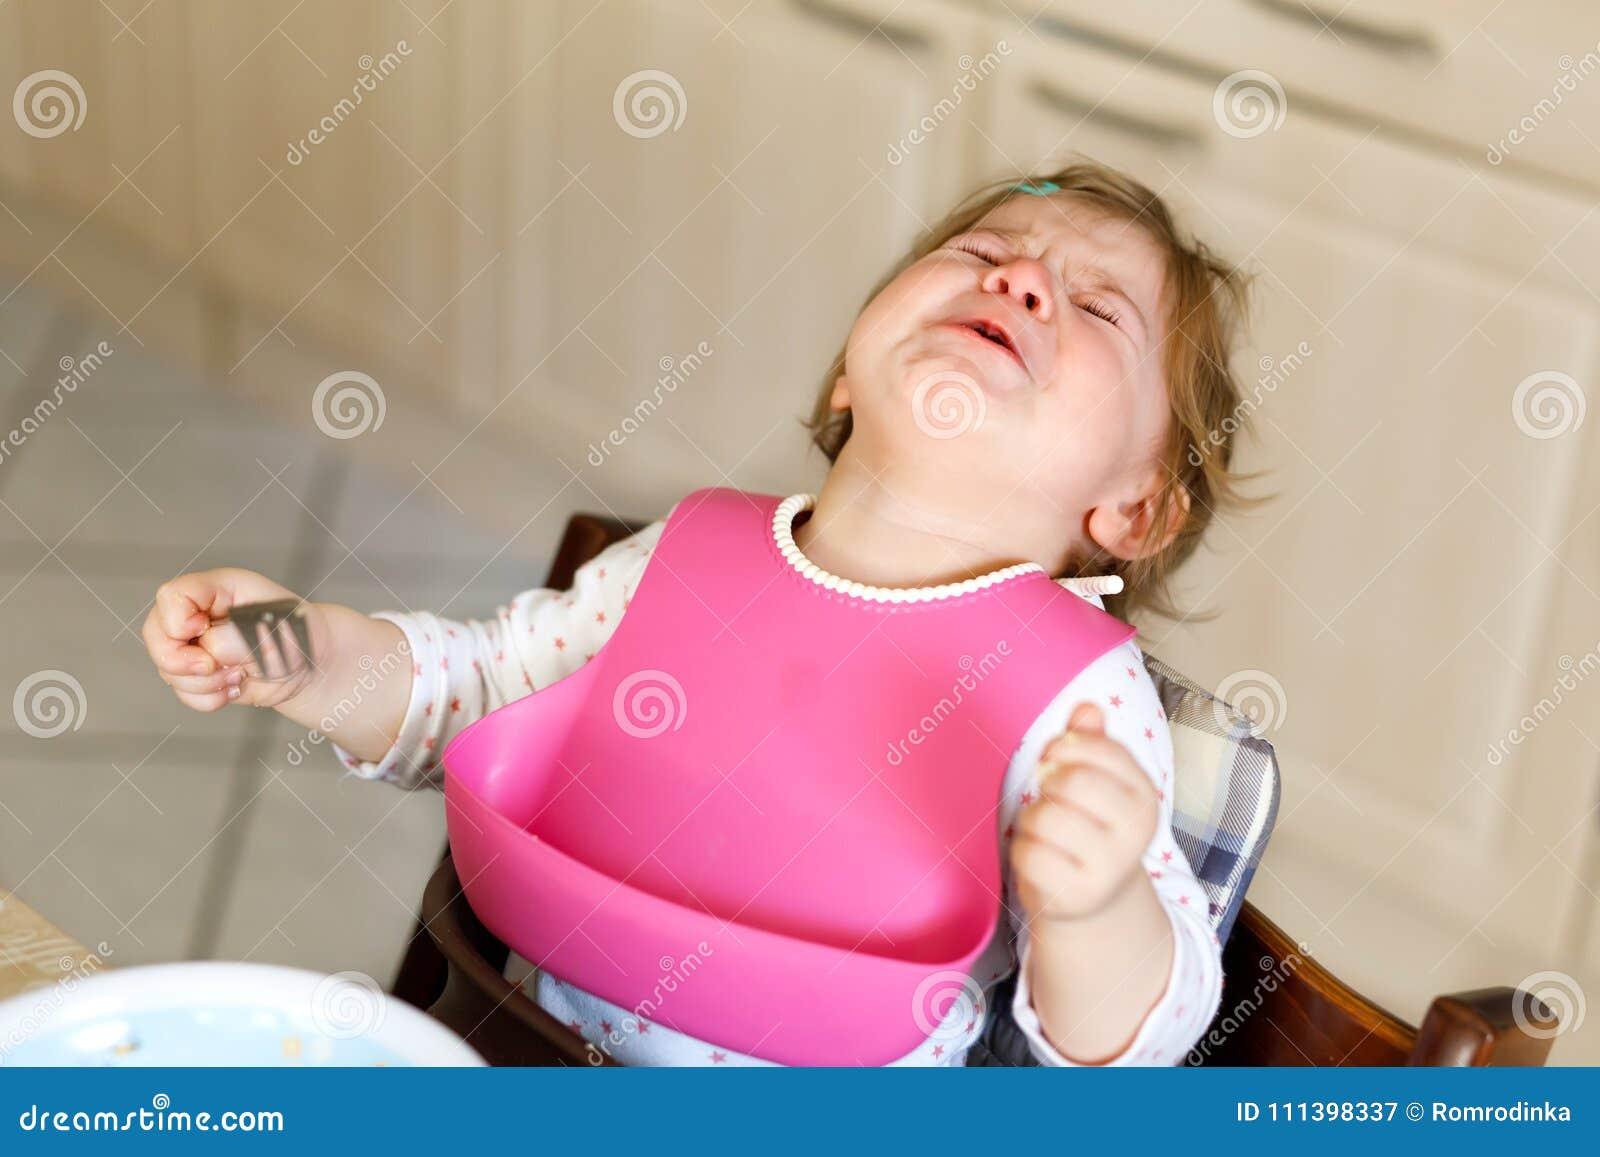 哀伤的哭泣的女婴 小孩不吃 歇斯底里儿童学会单独吃